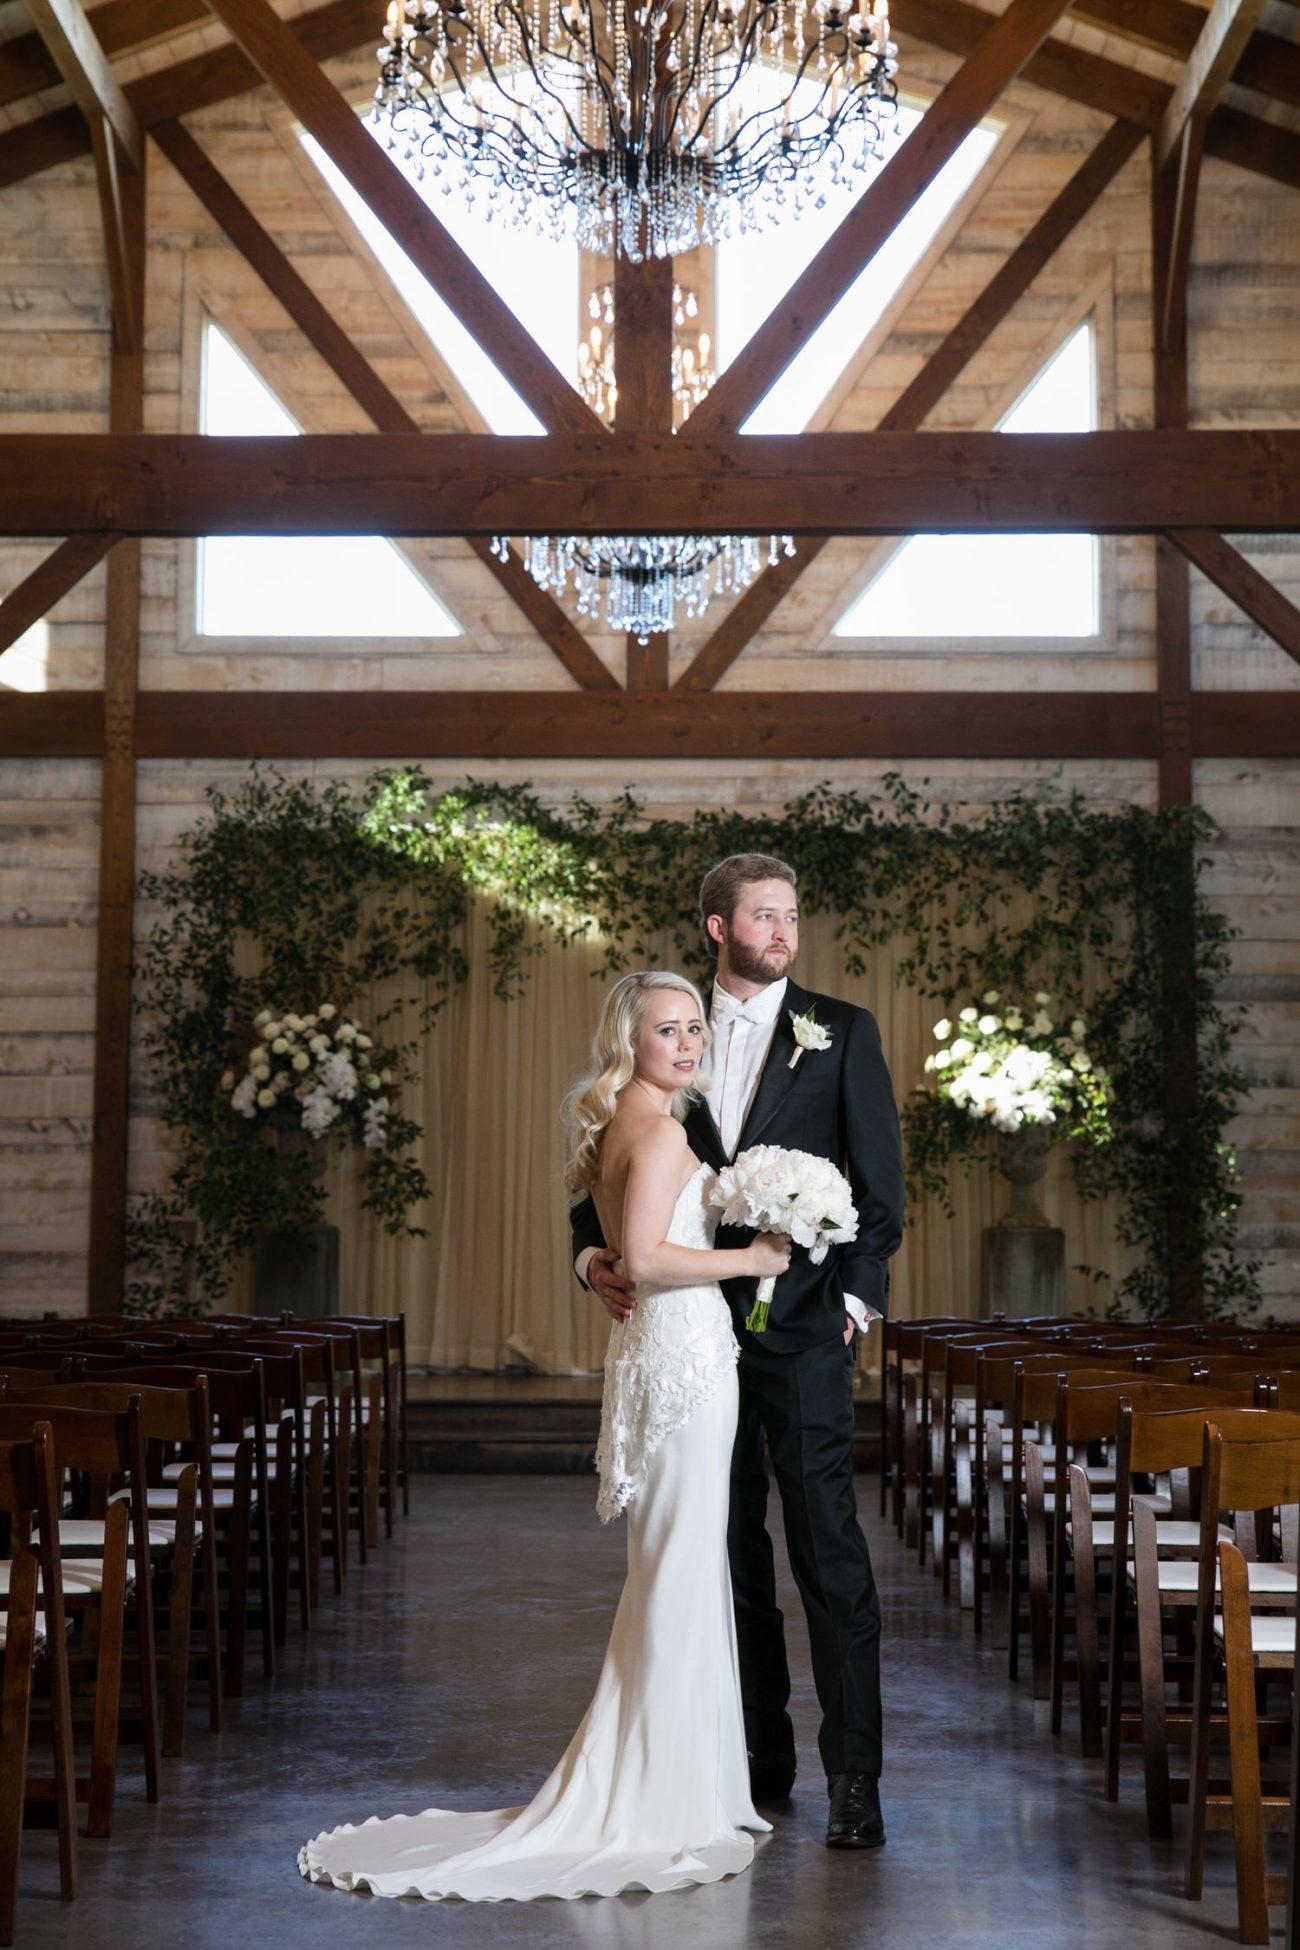 eberley brooks events wedding